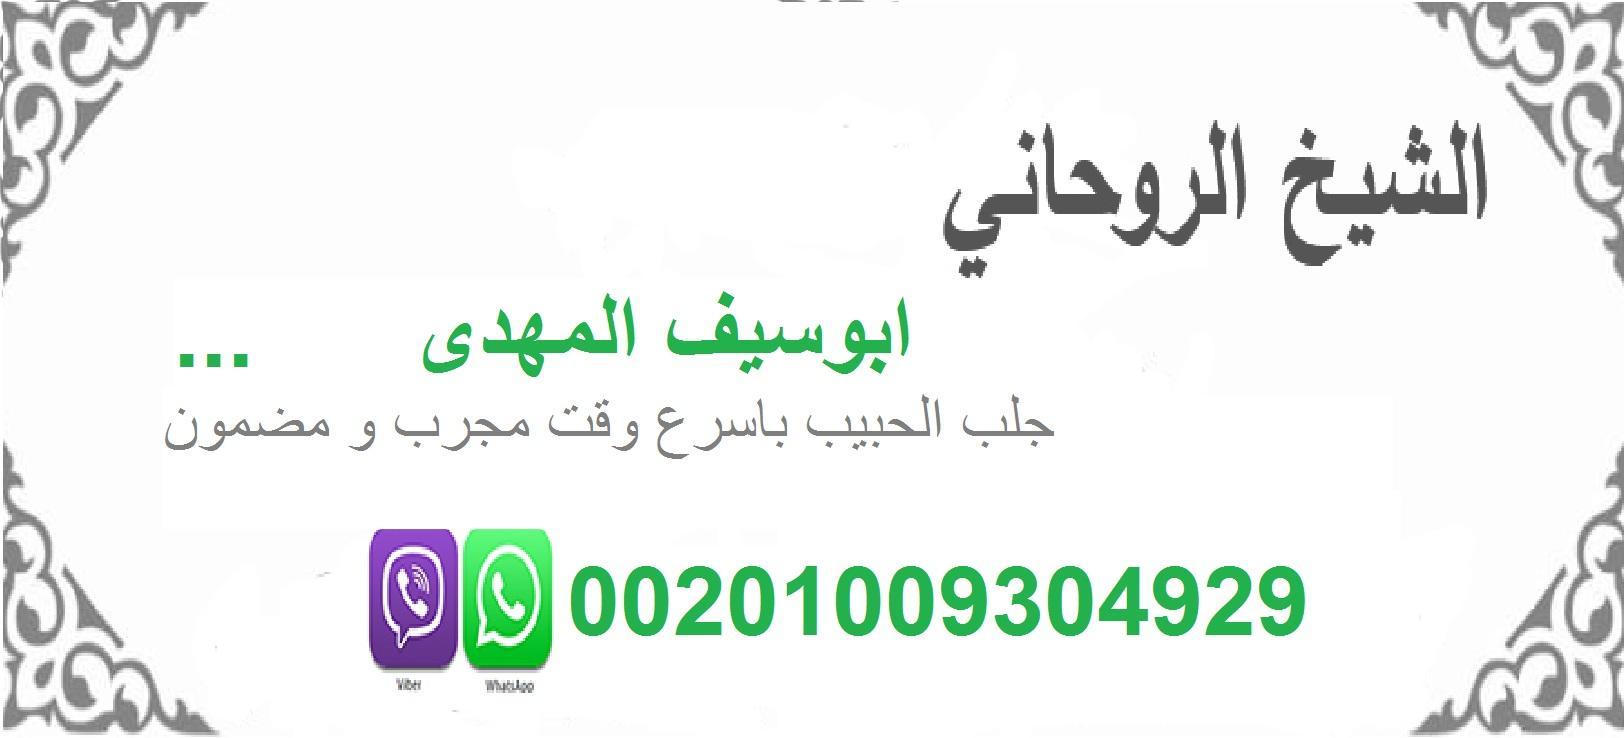 الحبيب للزواج 00201009304929 127687031.jpg